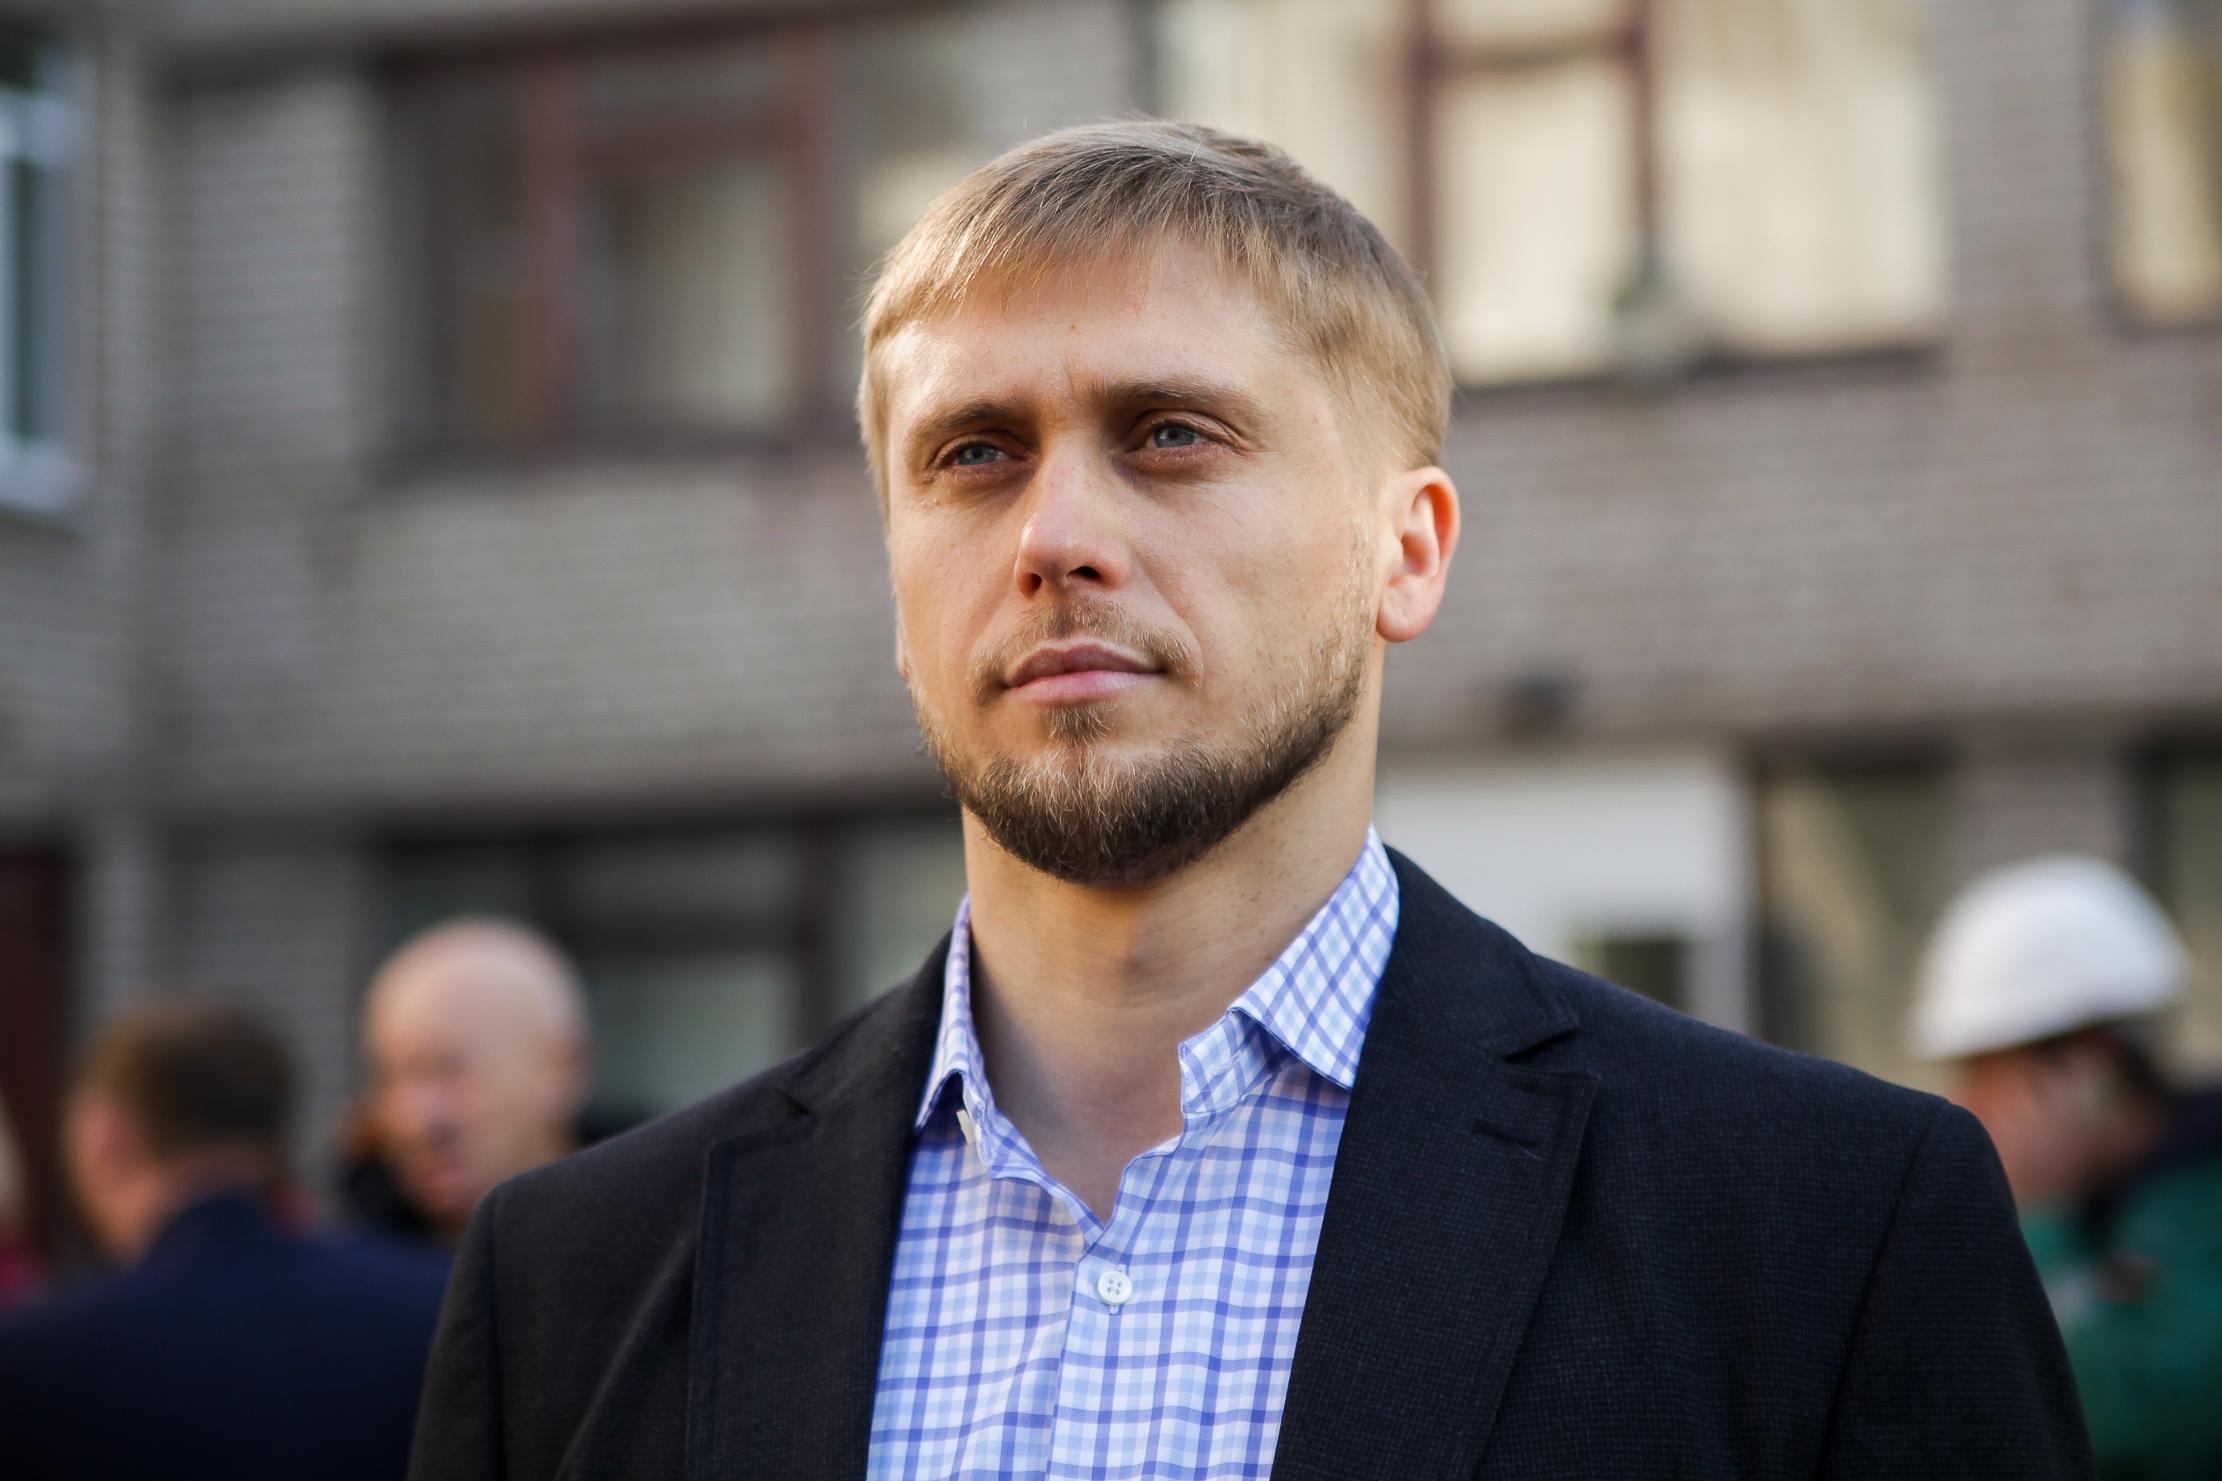 Олександр Бондаренко: «Після проведення протиаварійних робіт необхідно зробити повну реконструкцію будівель»